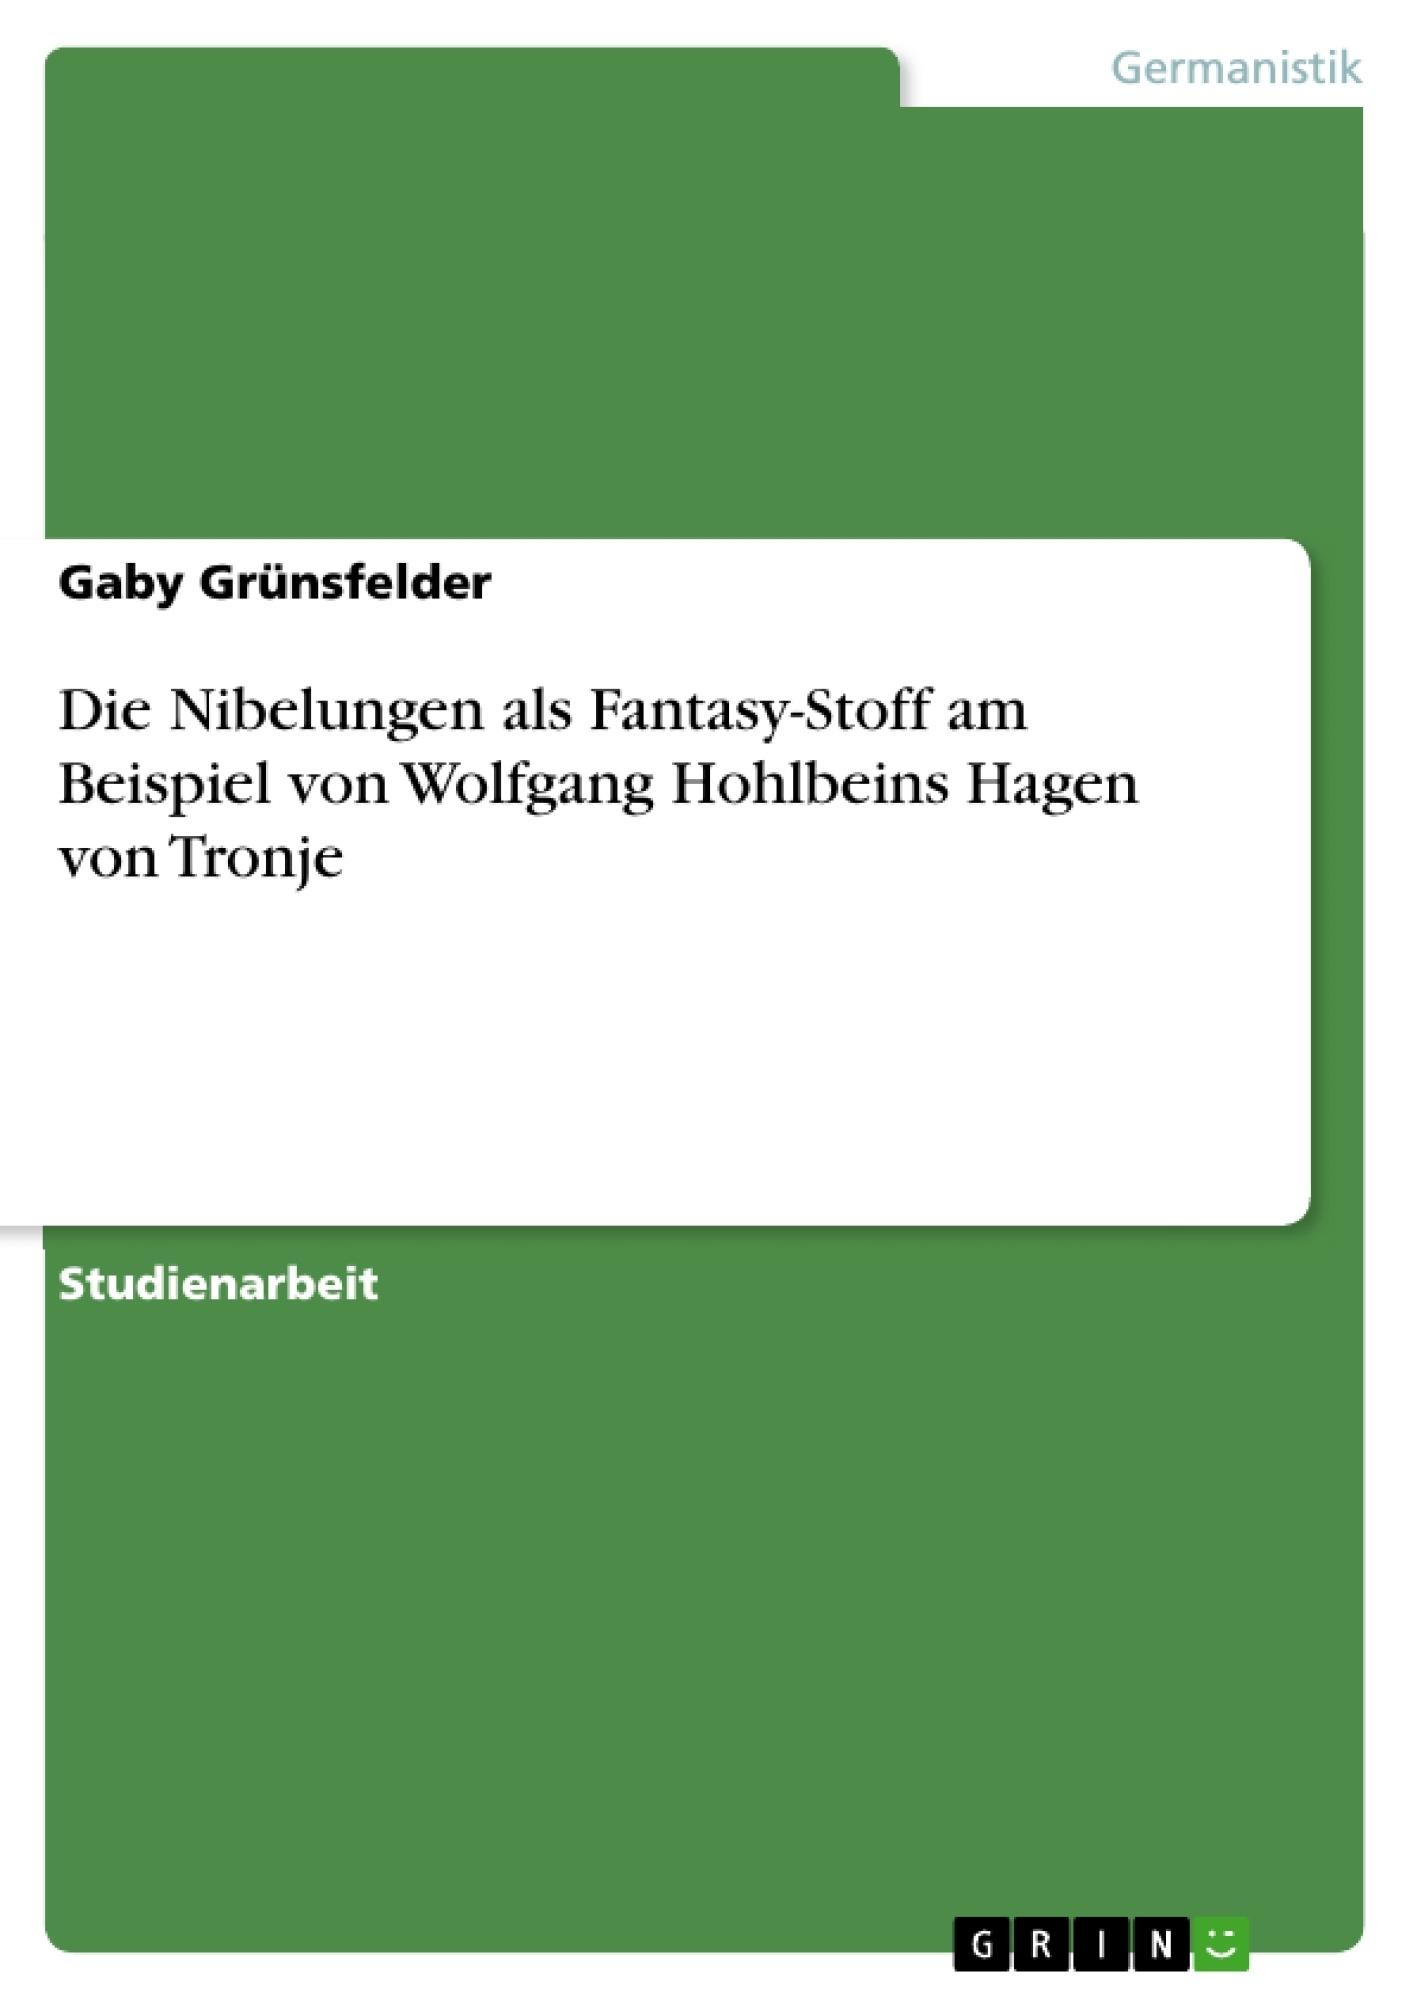 Titel: Die Nibelungen als Fantasy-Stoff am Beispiel von Wolfgang Hohlbeins Hagen von Tronje